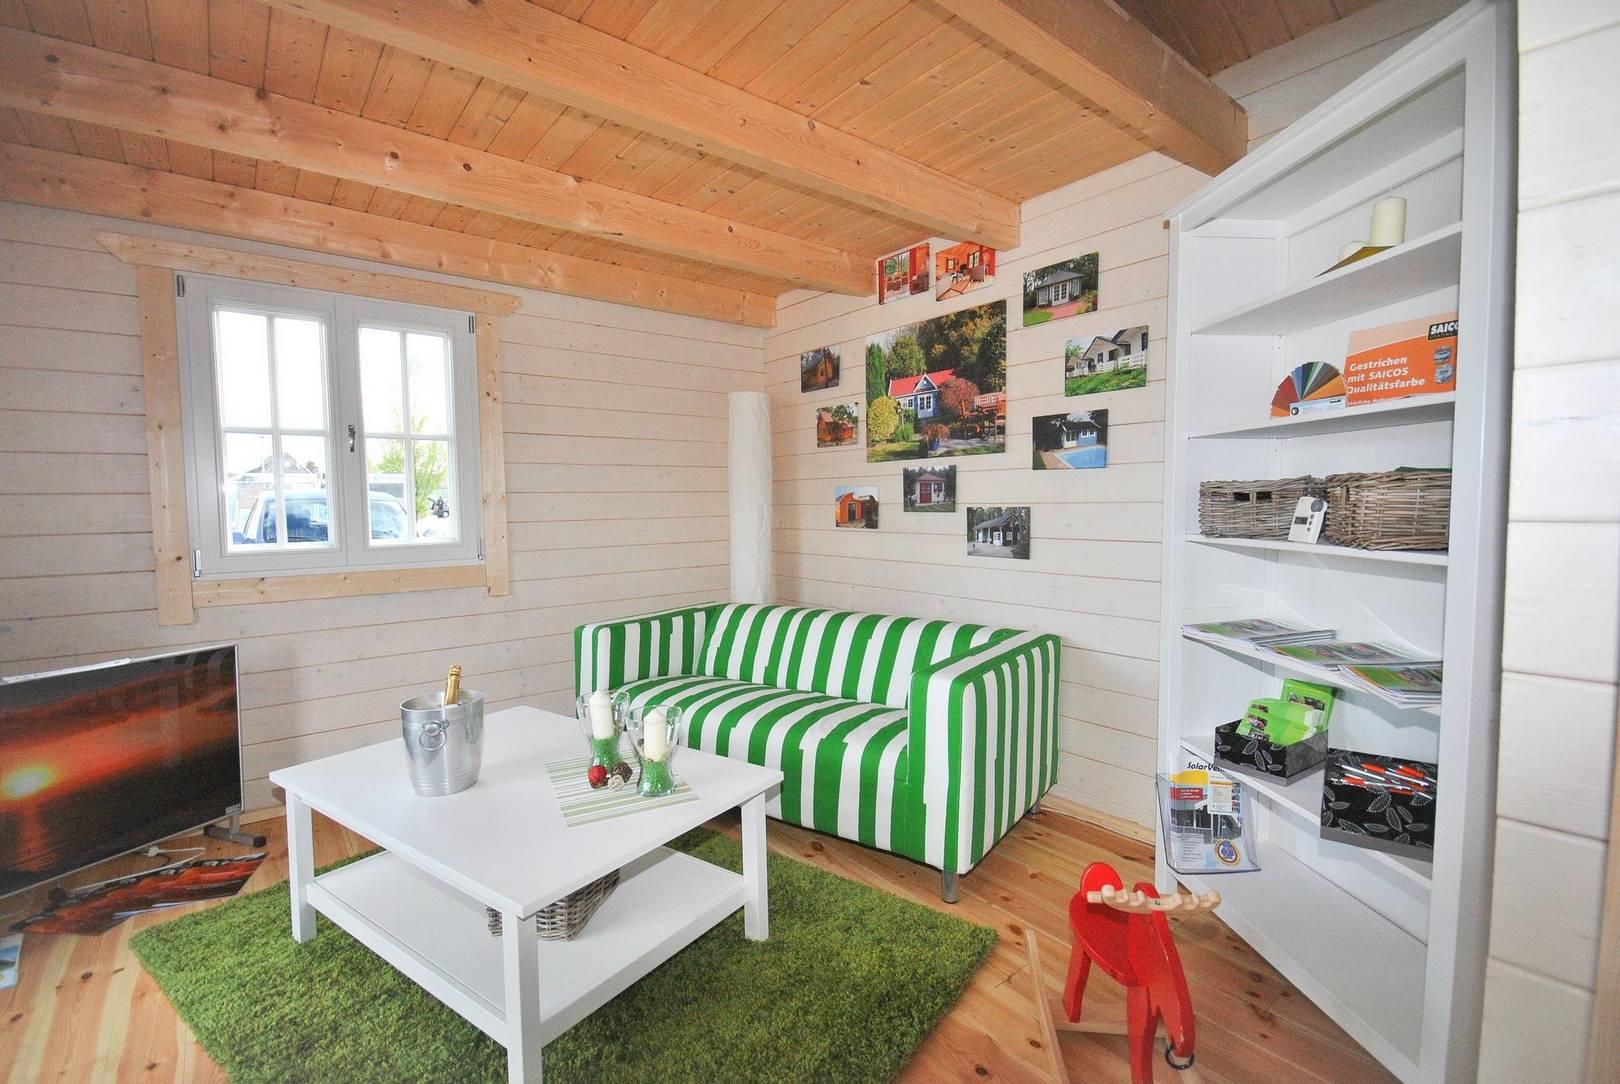 ein ferienhaus aus holz f r feriend rfer dr jeschke. Black Bedroom Furniture Sets. Home Design Ideas